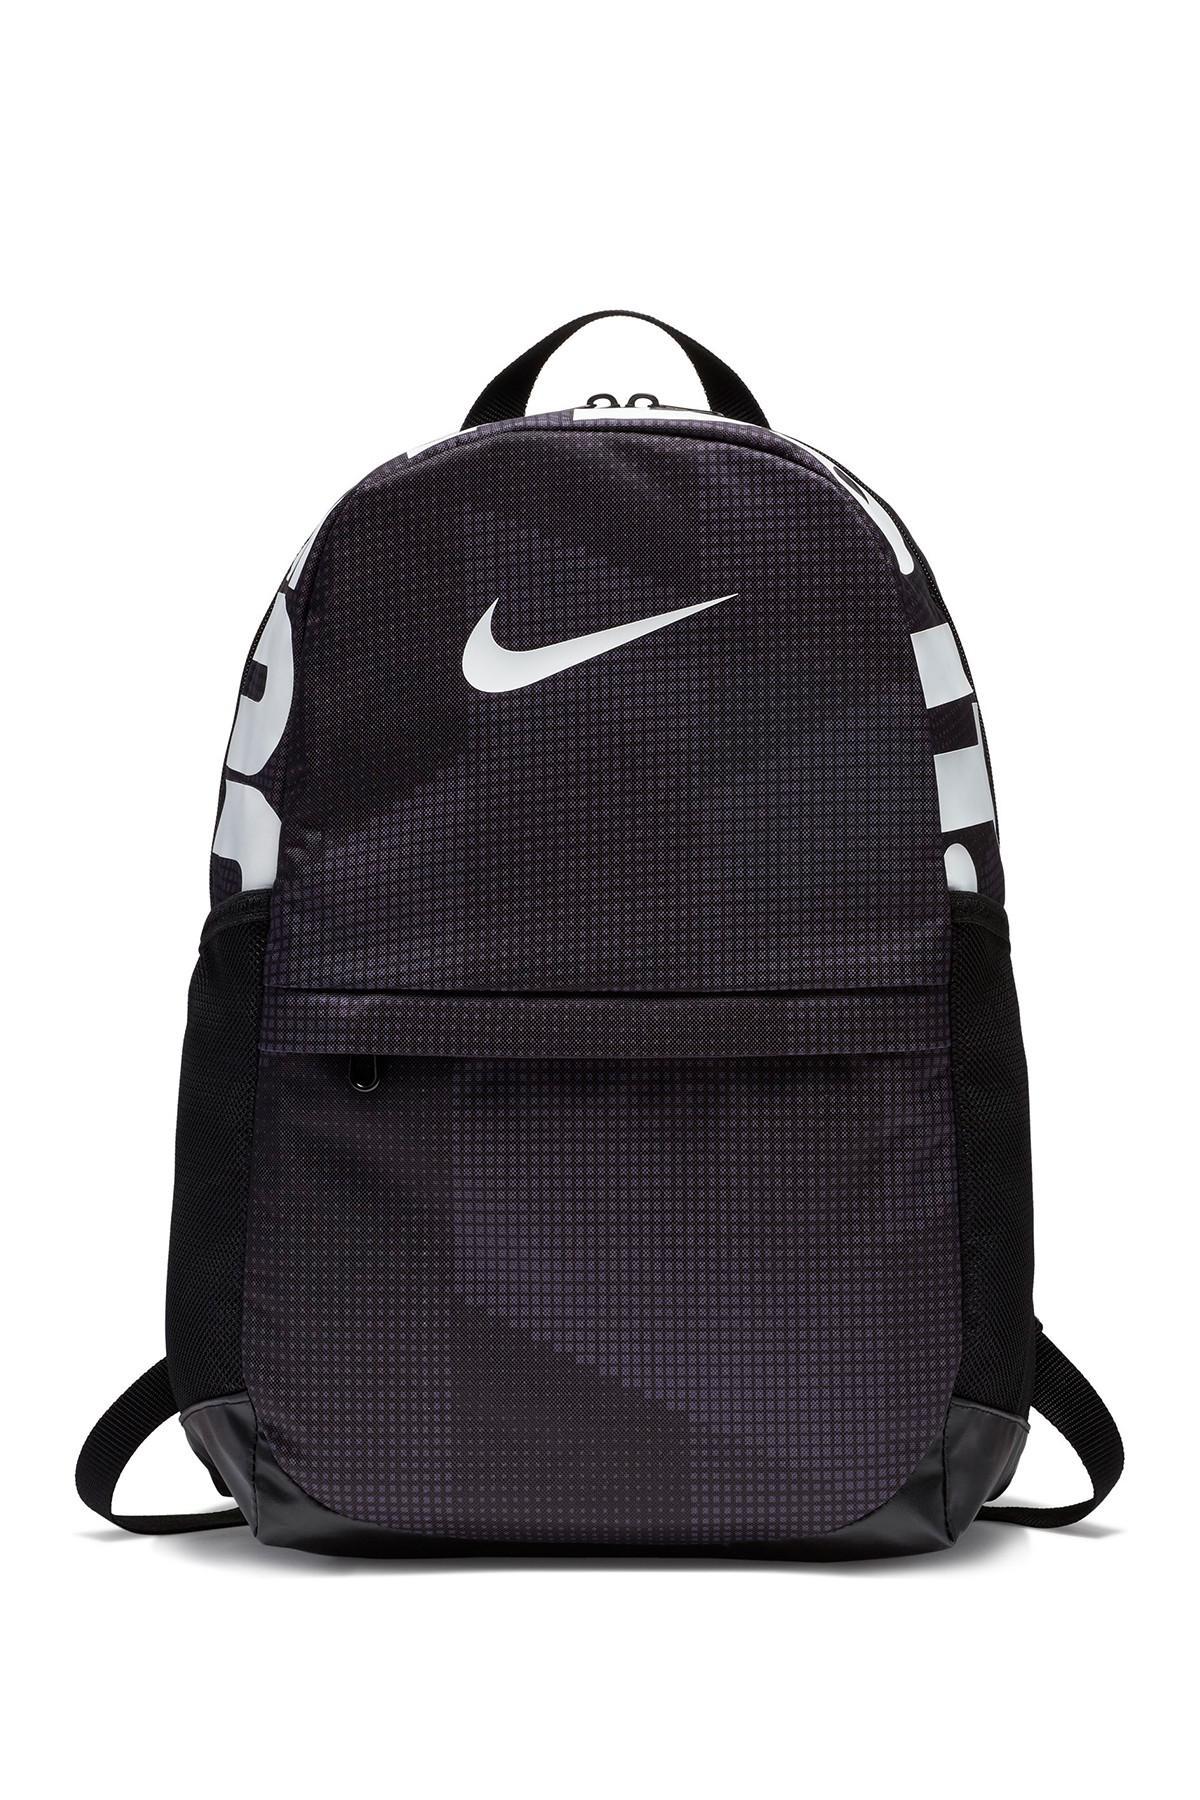 Lyst - Nike Printed Backpack in Black 00cae45e33